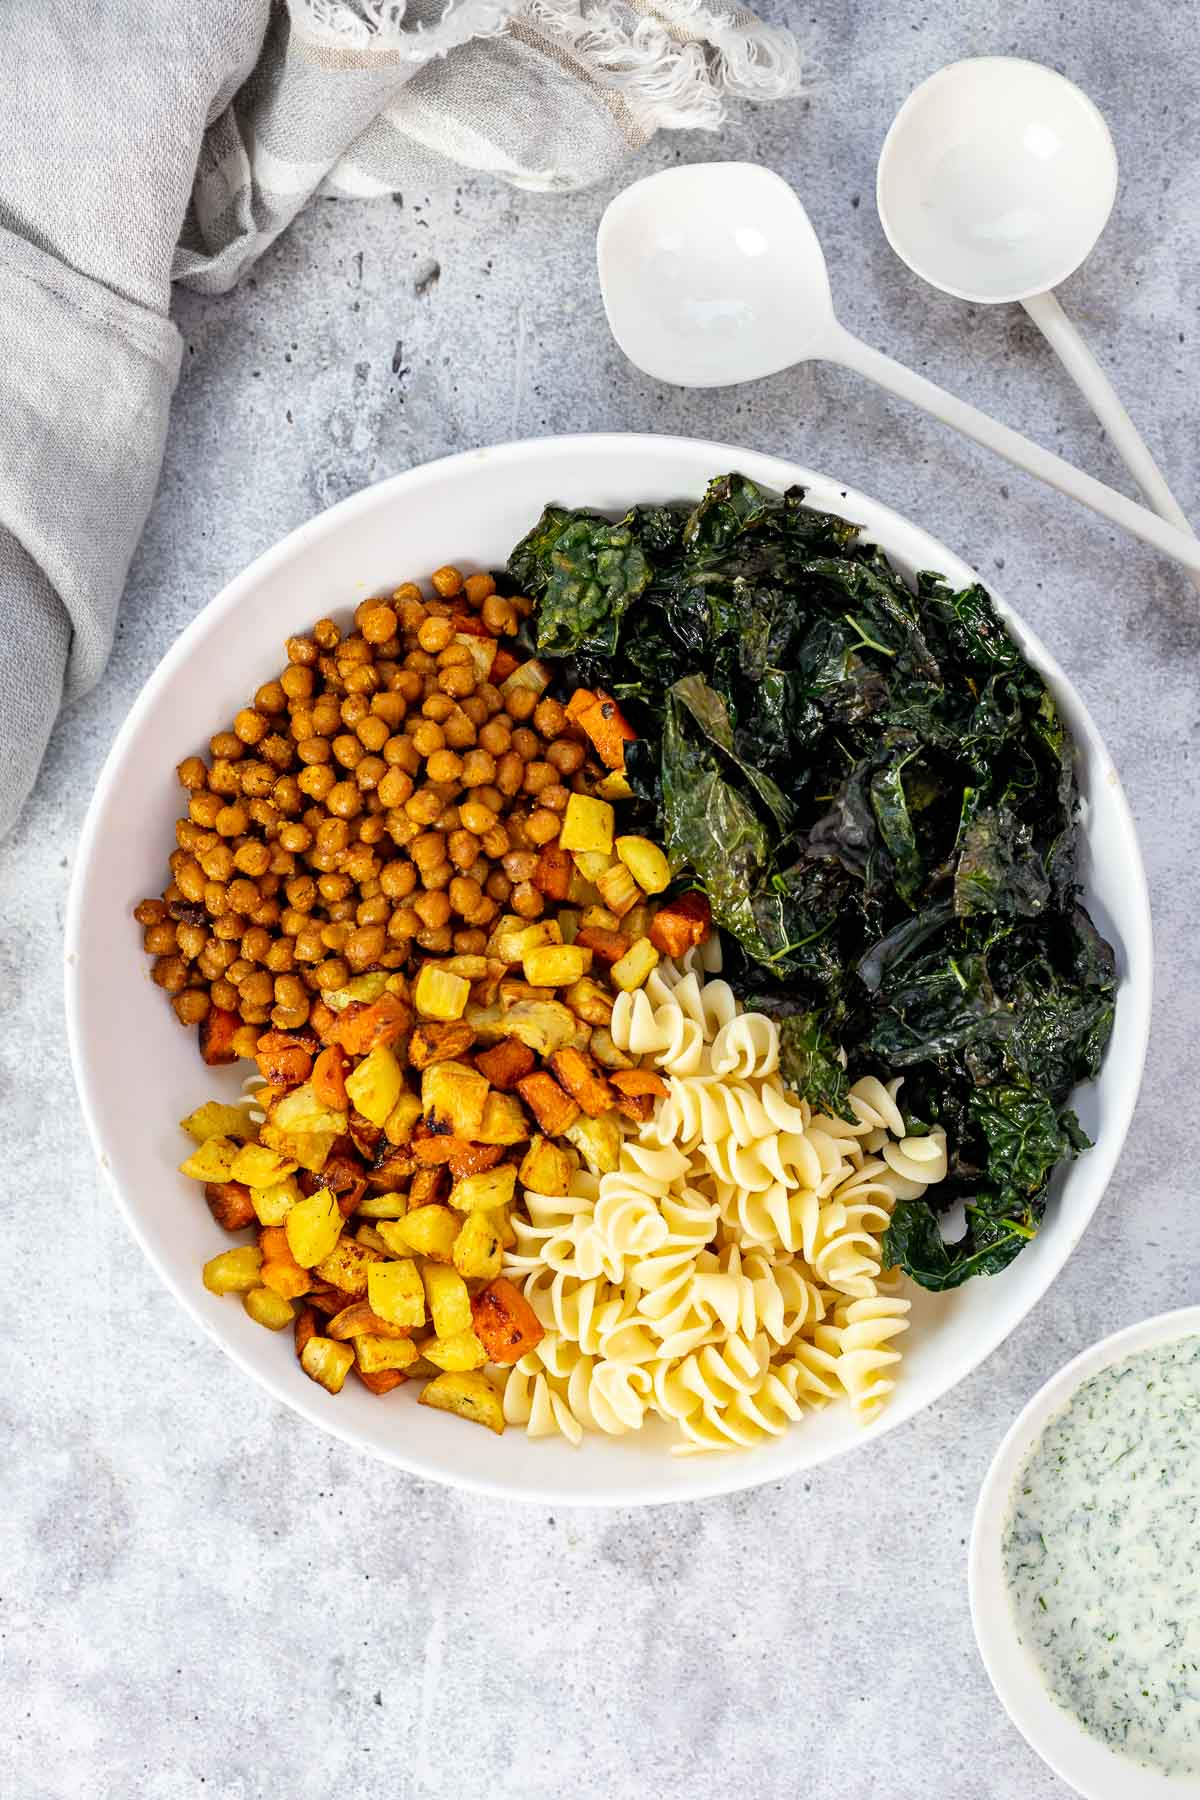 Winter Nudelsalat mit geröstetem Gemüse und Buttermilch-Dressing